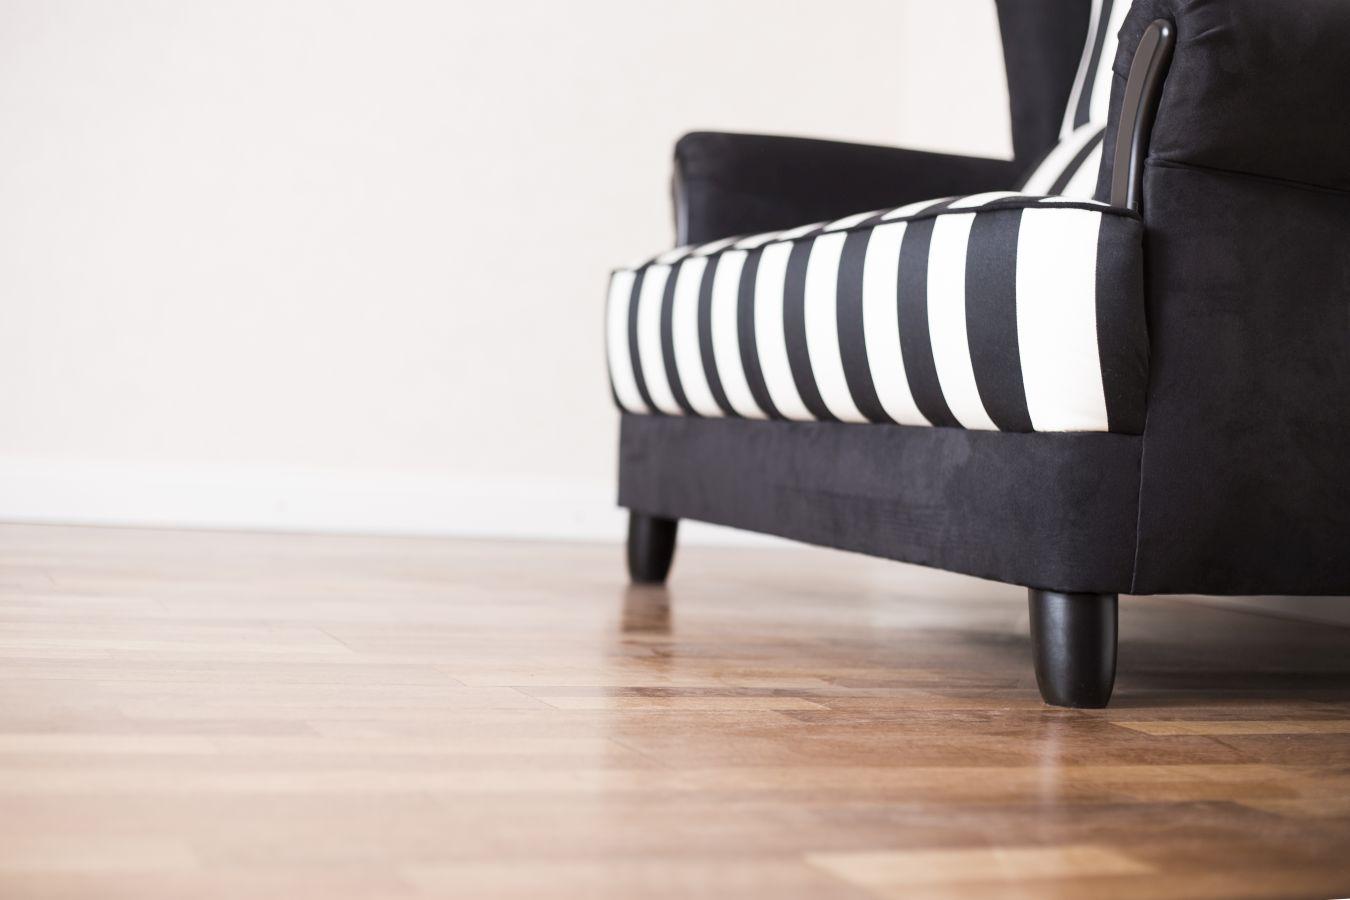 Möbelpolsterei bei Bad Honnef – Sitzpolster nach Maß